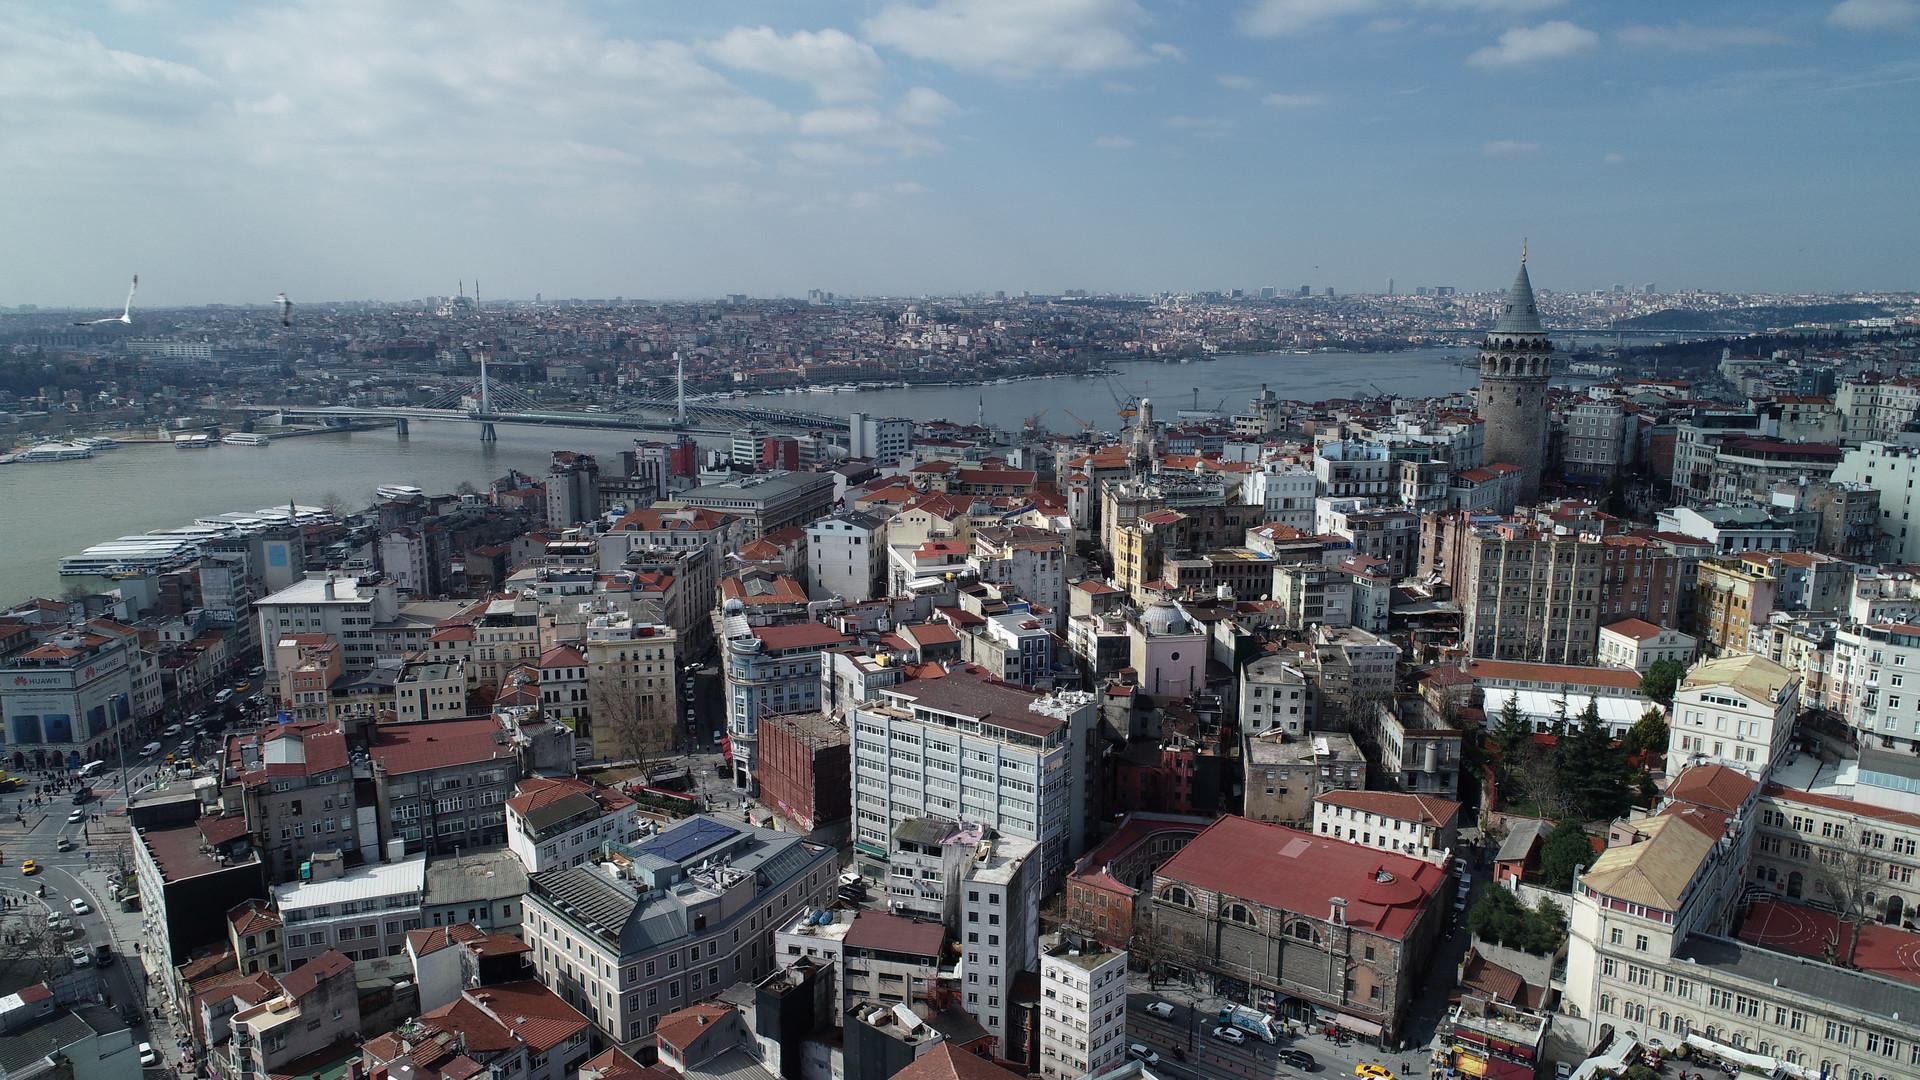 مرسوم رئاسي تركي سابق قد ينقذ الحزب الحاكم في معركته من أجل اسطنبول!